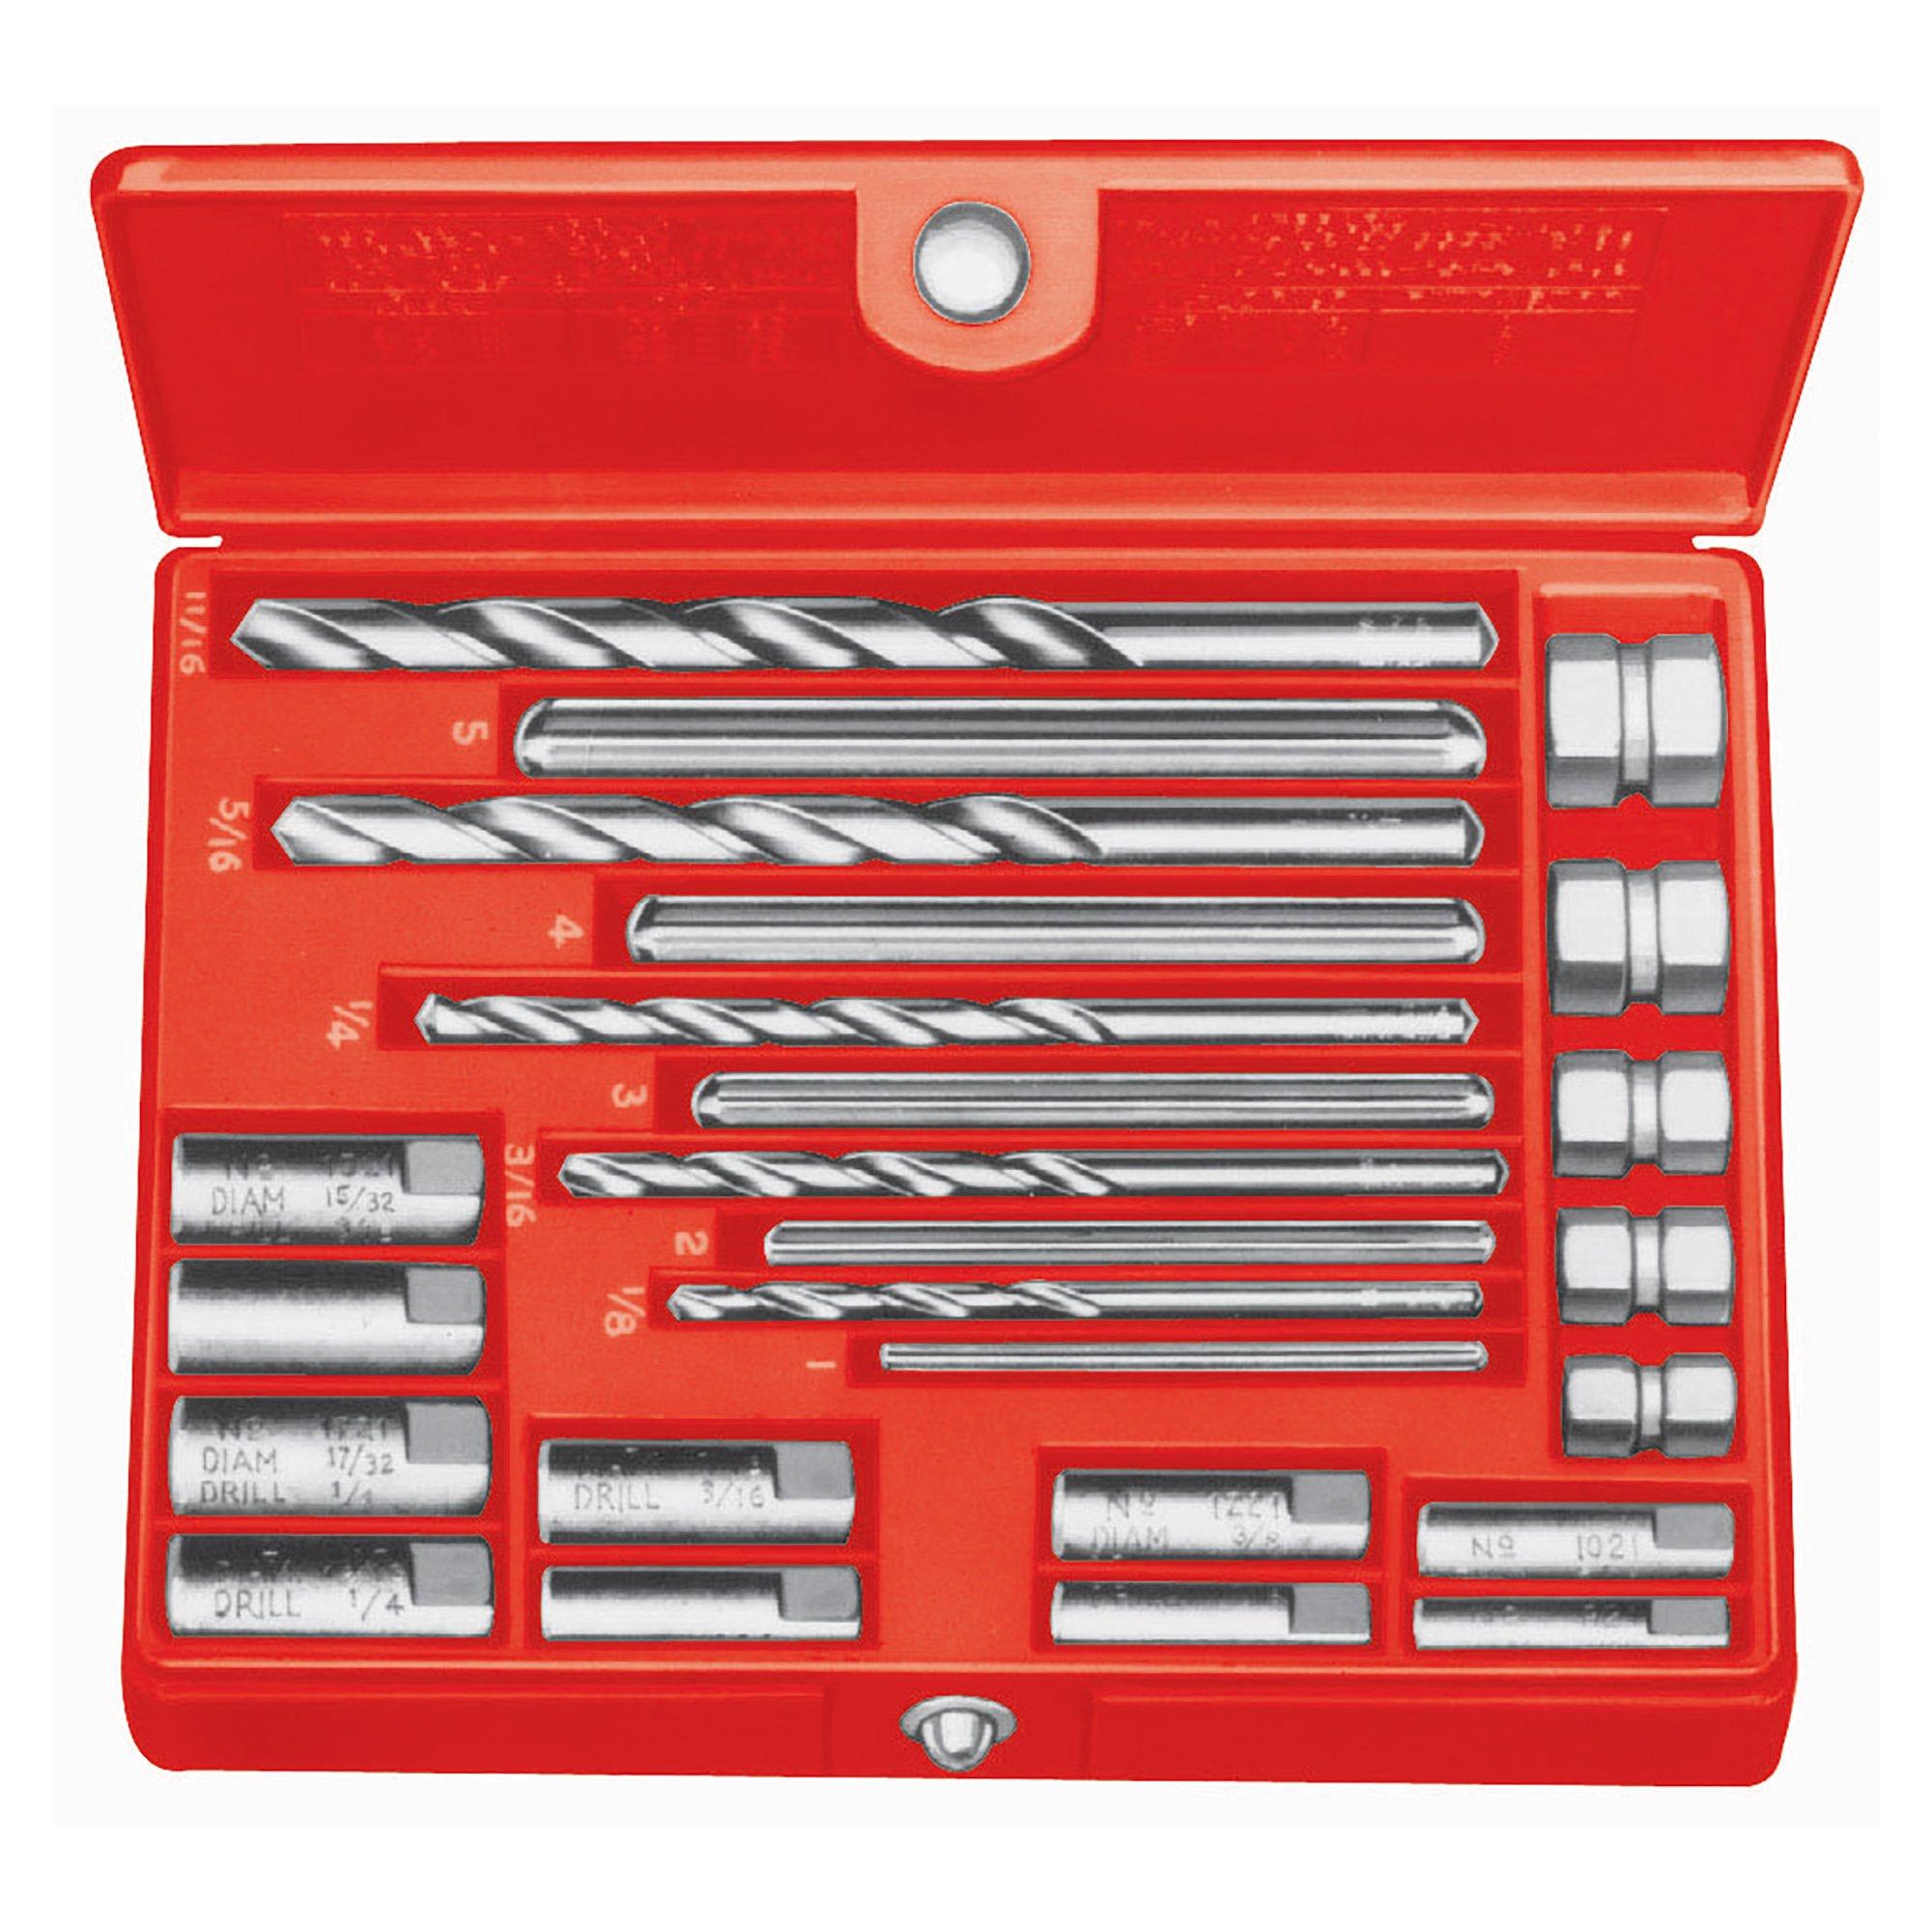 RIDGID 35585 10 Screw Extractor Set, 1/4-inch to 1/2-inch Broken Screw Extractor by Ridgid